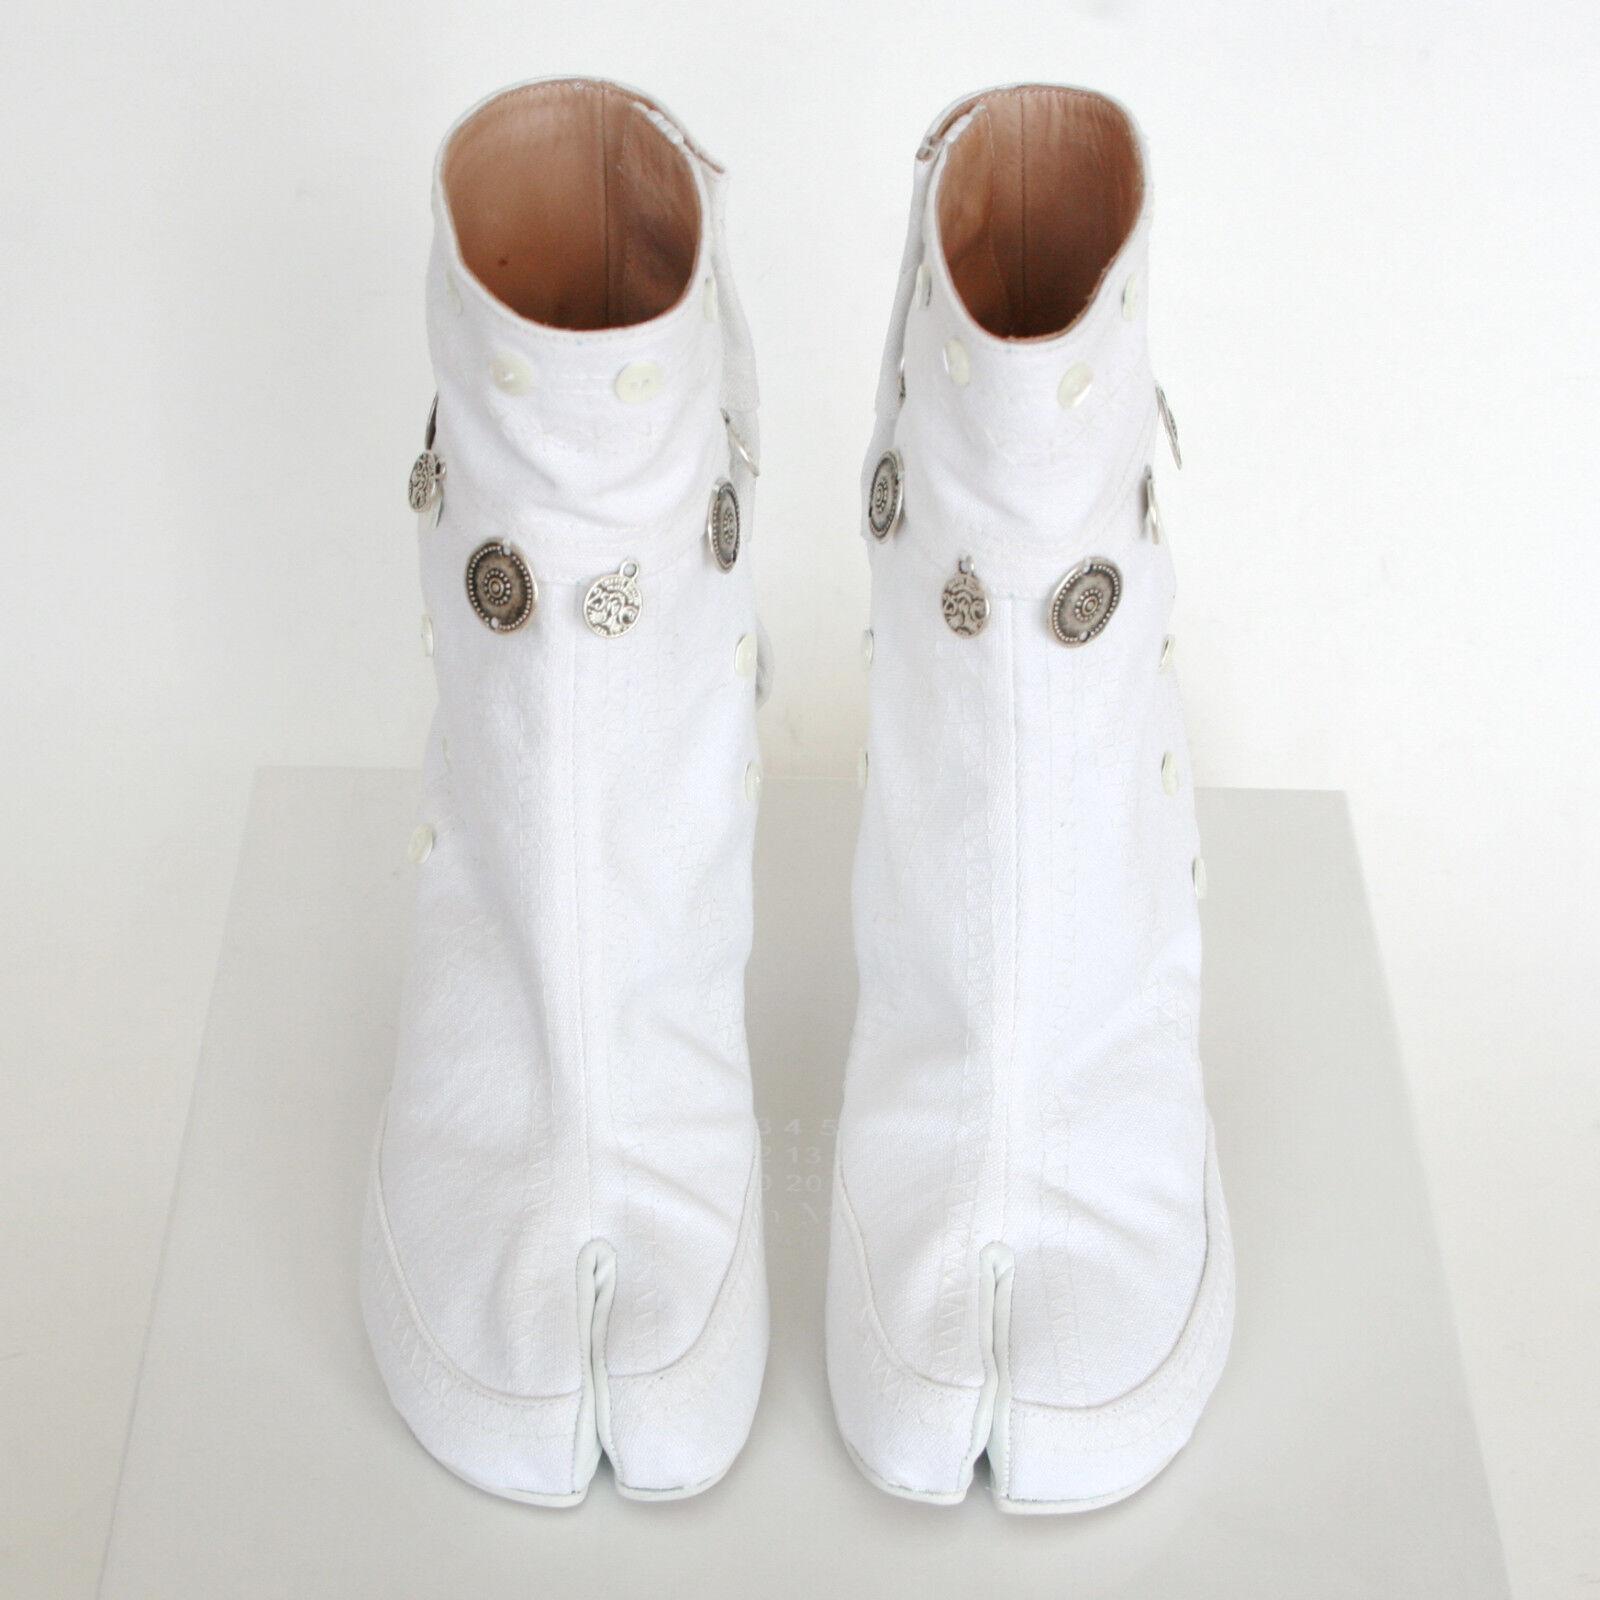 MAISON MARTIN MARGIELA split toe gypsy coin embroidered embroidered embroidered white tabi boots 37 NEW 8116da